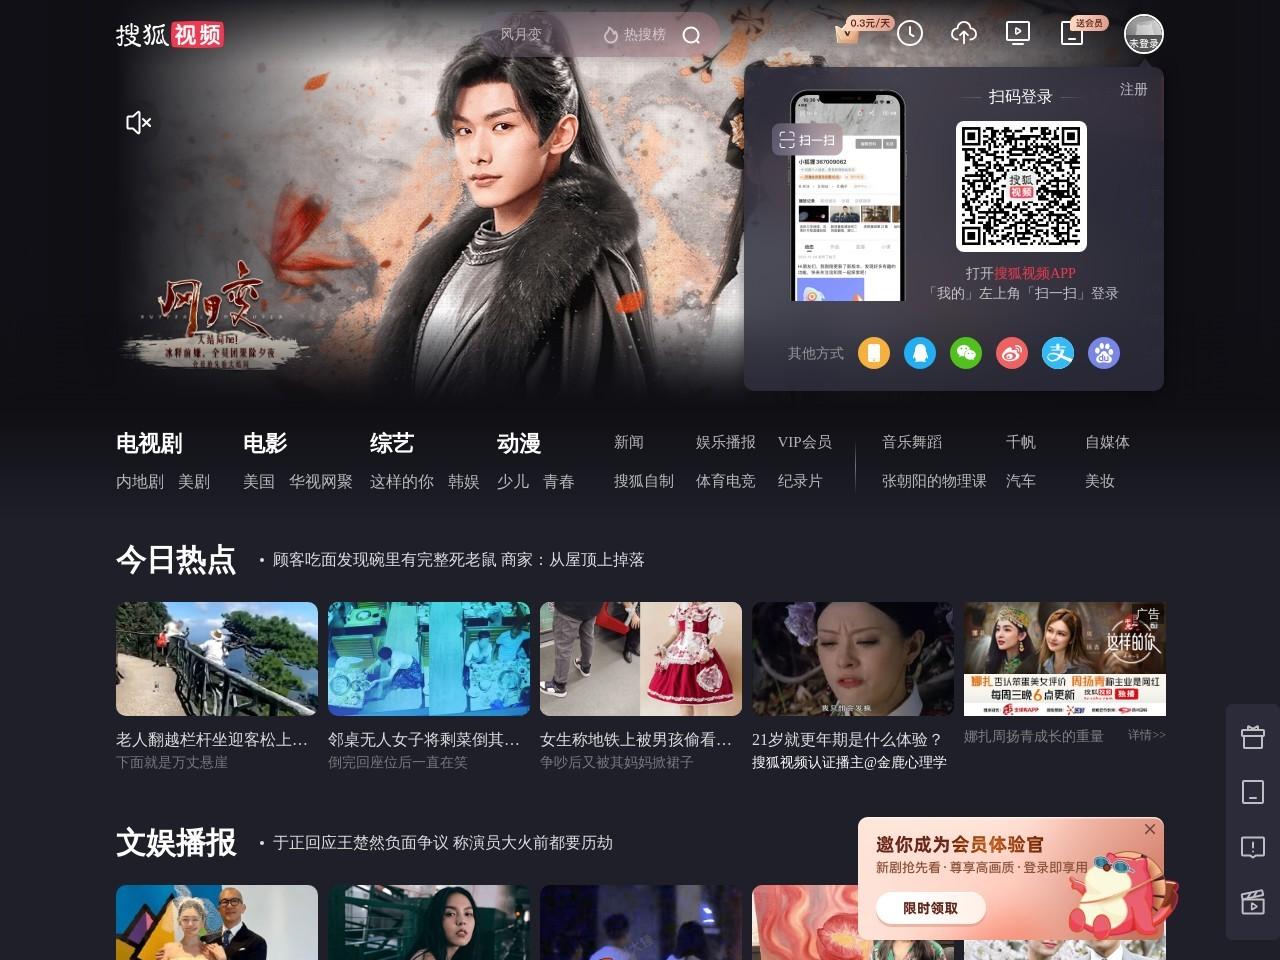 奚梦瑶自曝怀二胎孕吐严重 前三个月需喝热姜水缓解-娱乐视频-搜狐视频